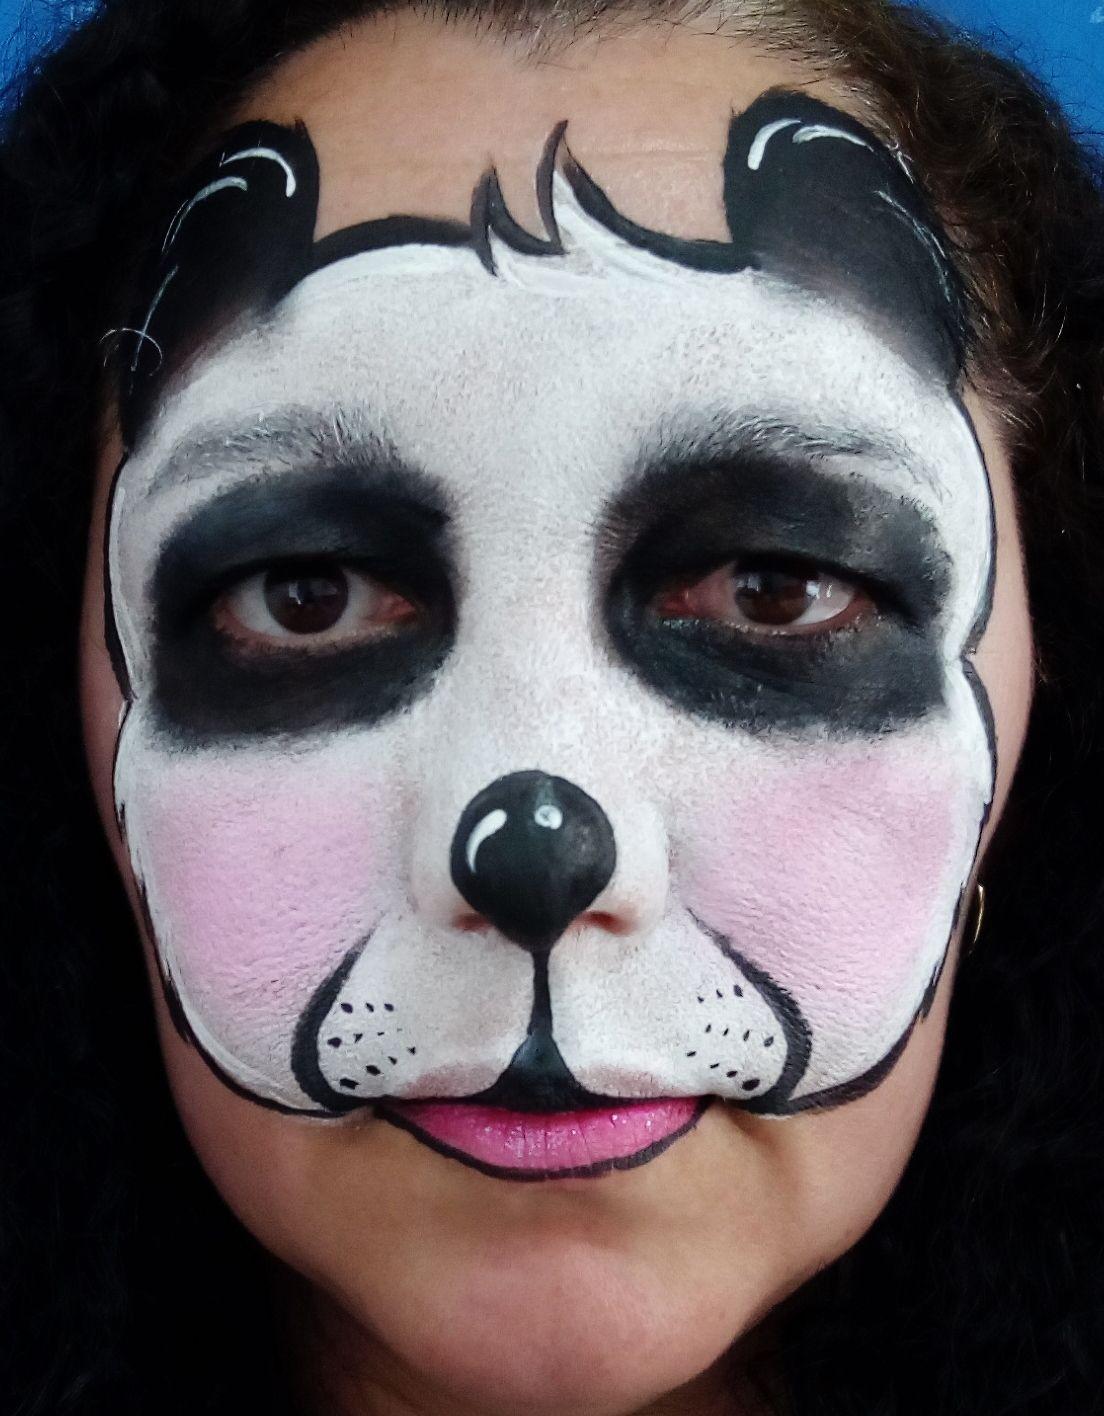 Sarah Cruz Pintura Facial Urso Panda Urso Panda Fantasia De Urso Pinturas Faciais